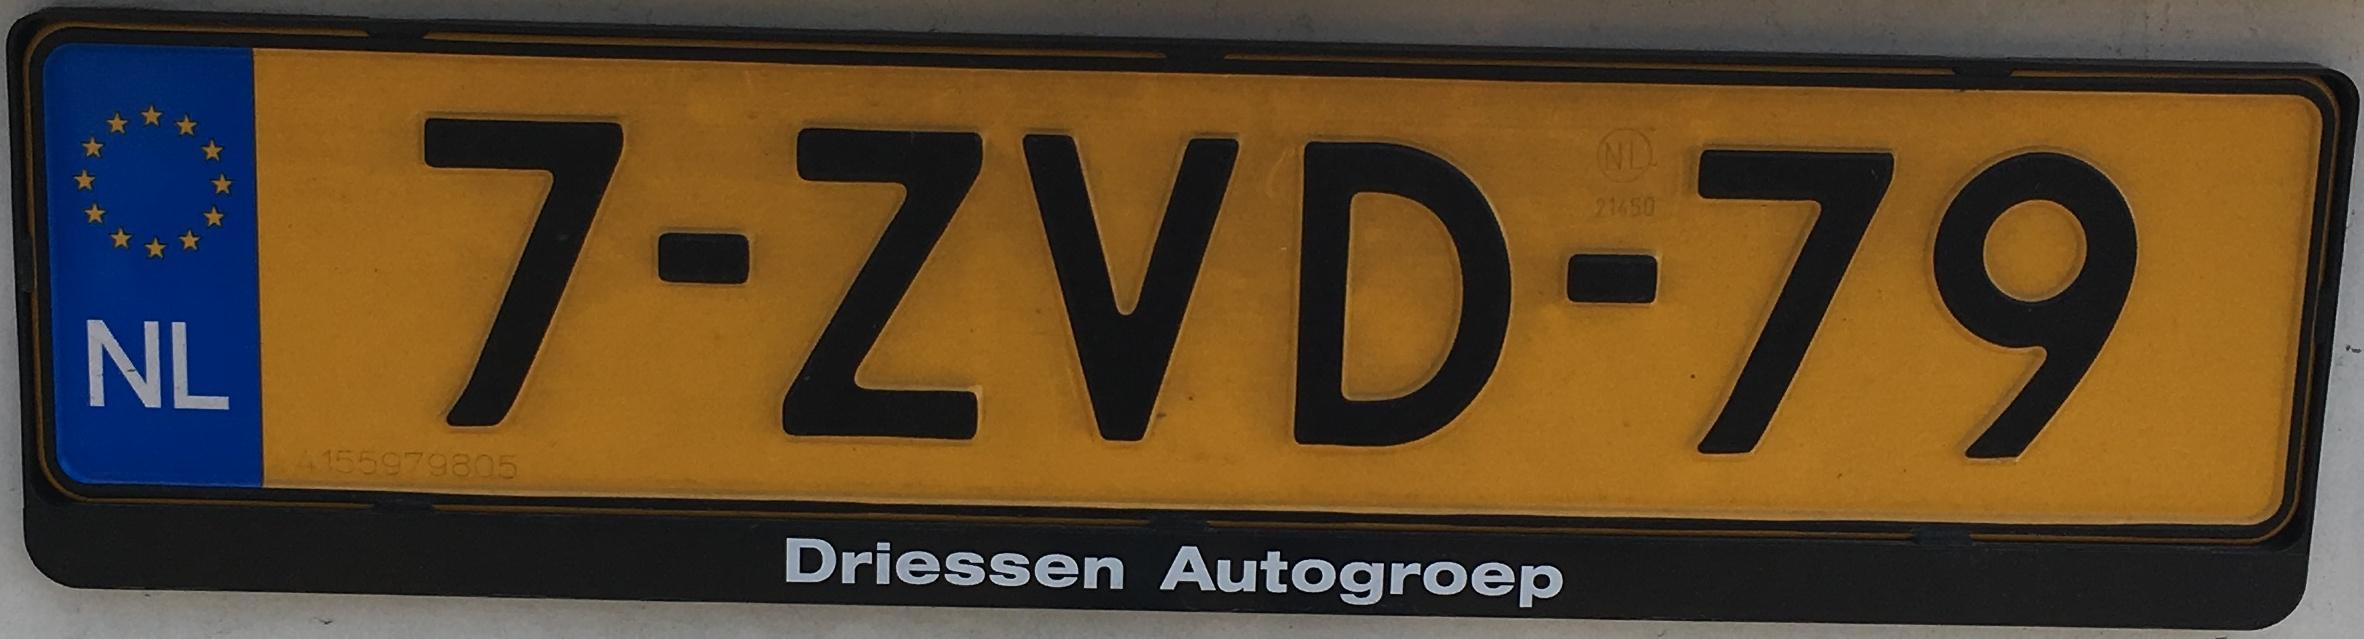 Nizozemská registrační značka běžná - formát 8 , foto: vlastní